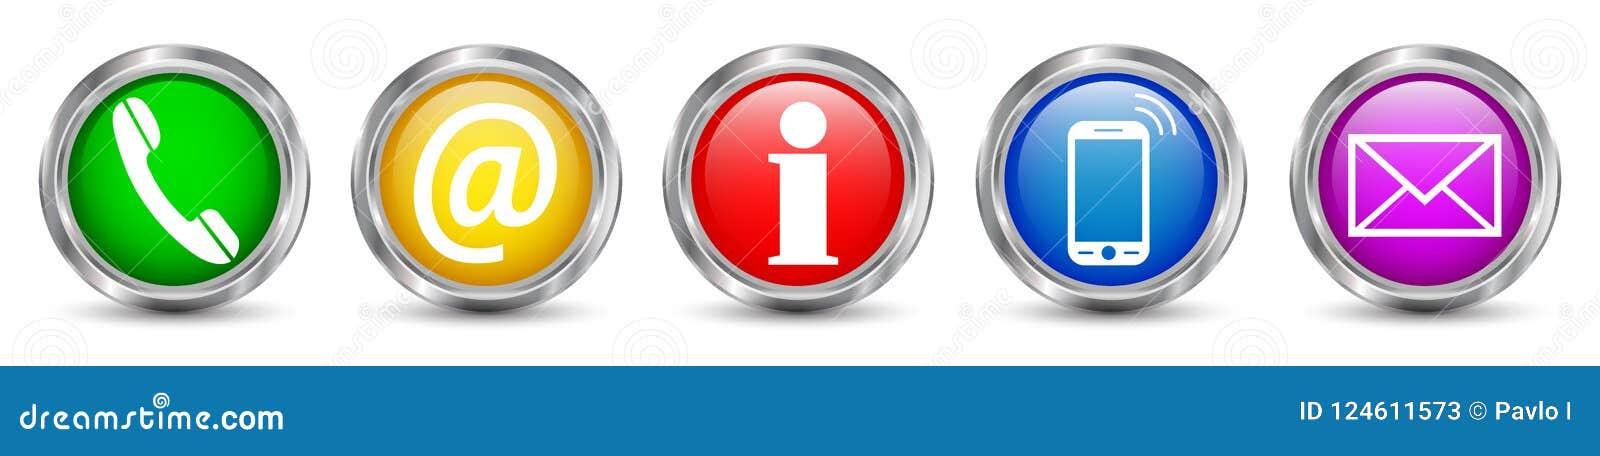 Установленные значки кнопок контакта - вектор